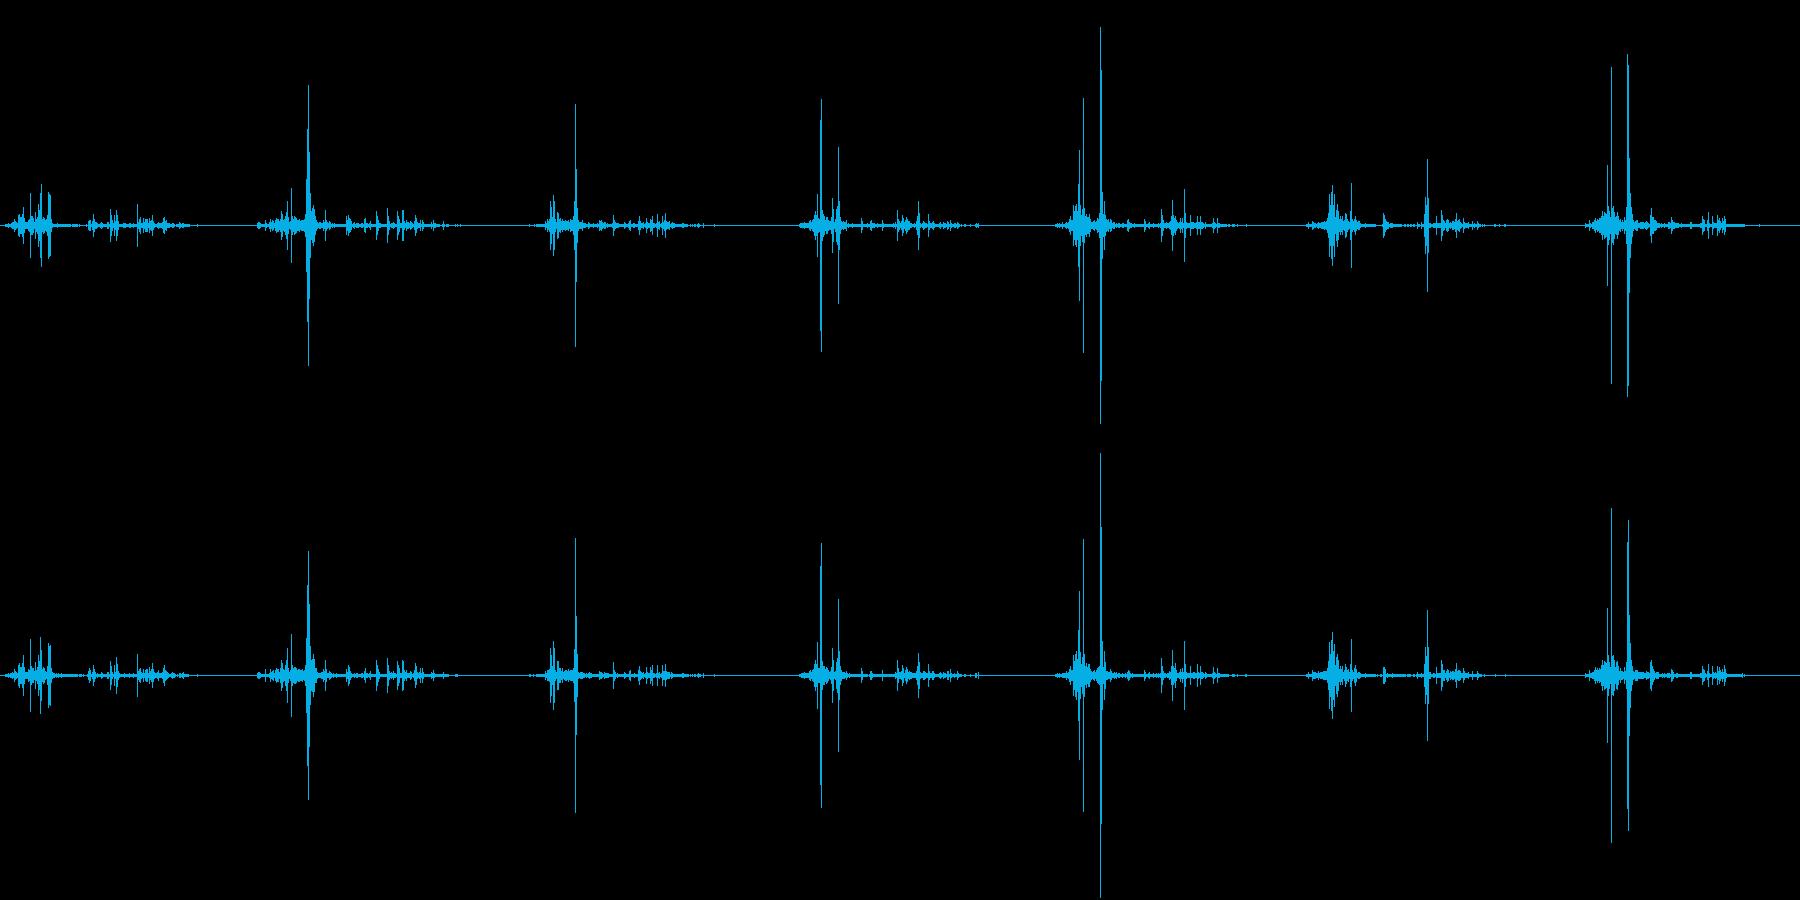 【生録音】何かを洗う音 3 石鹸 泡の再生済みの波形